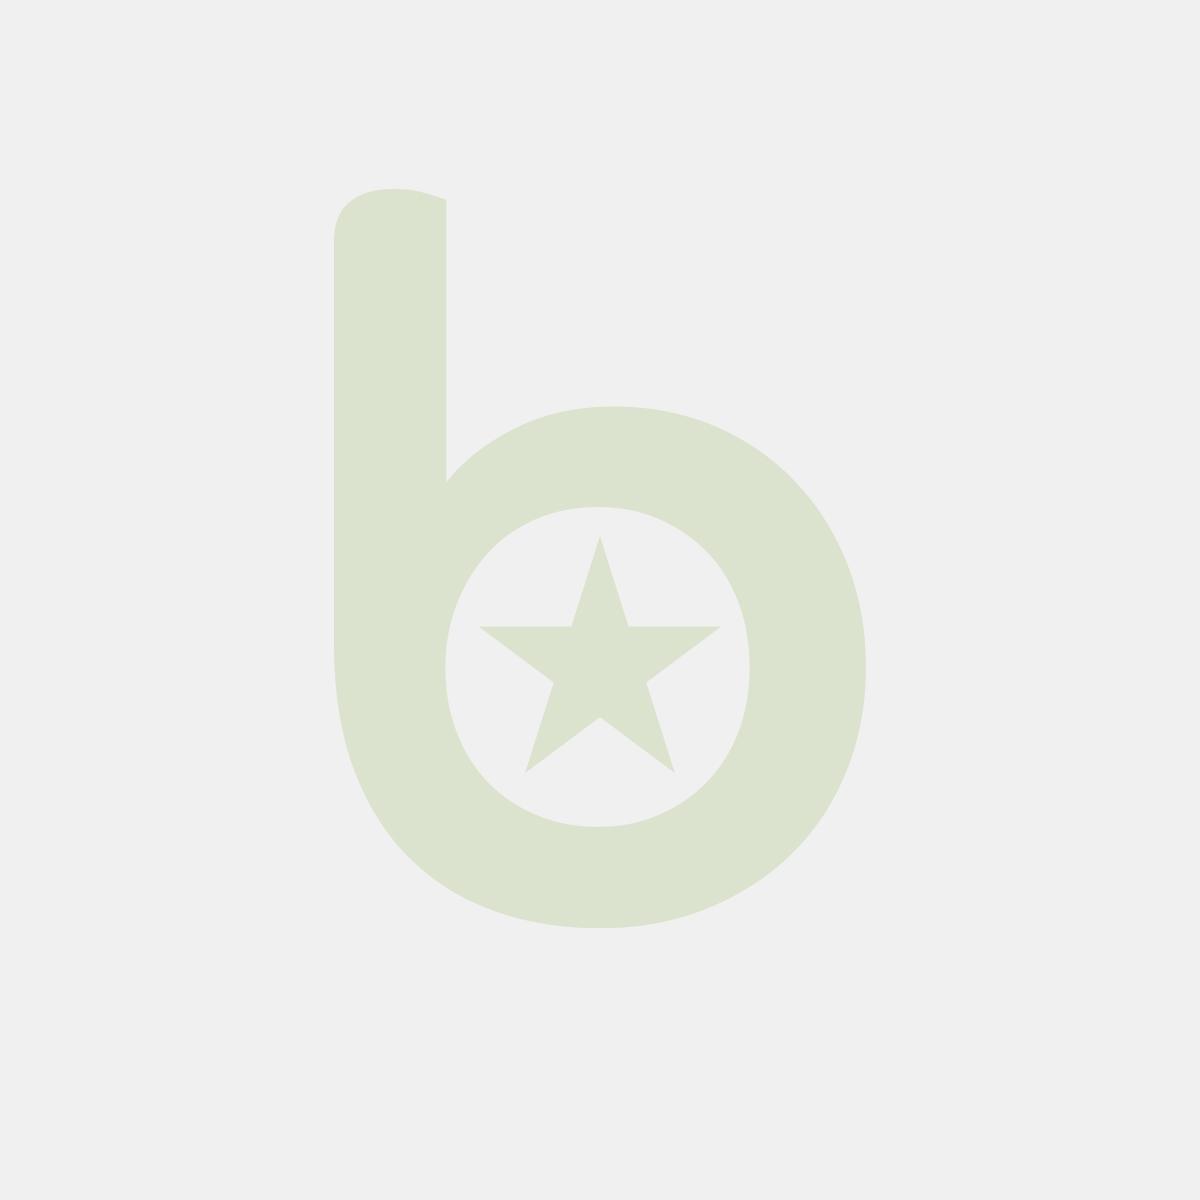 Pojemnik obiadowy do zgrzewu D-9410, 3-dzielny, czarny, 227x178x33, cena za op. 40 sztuk